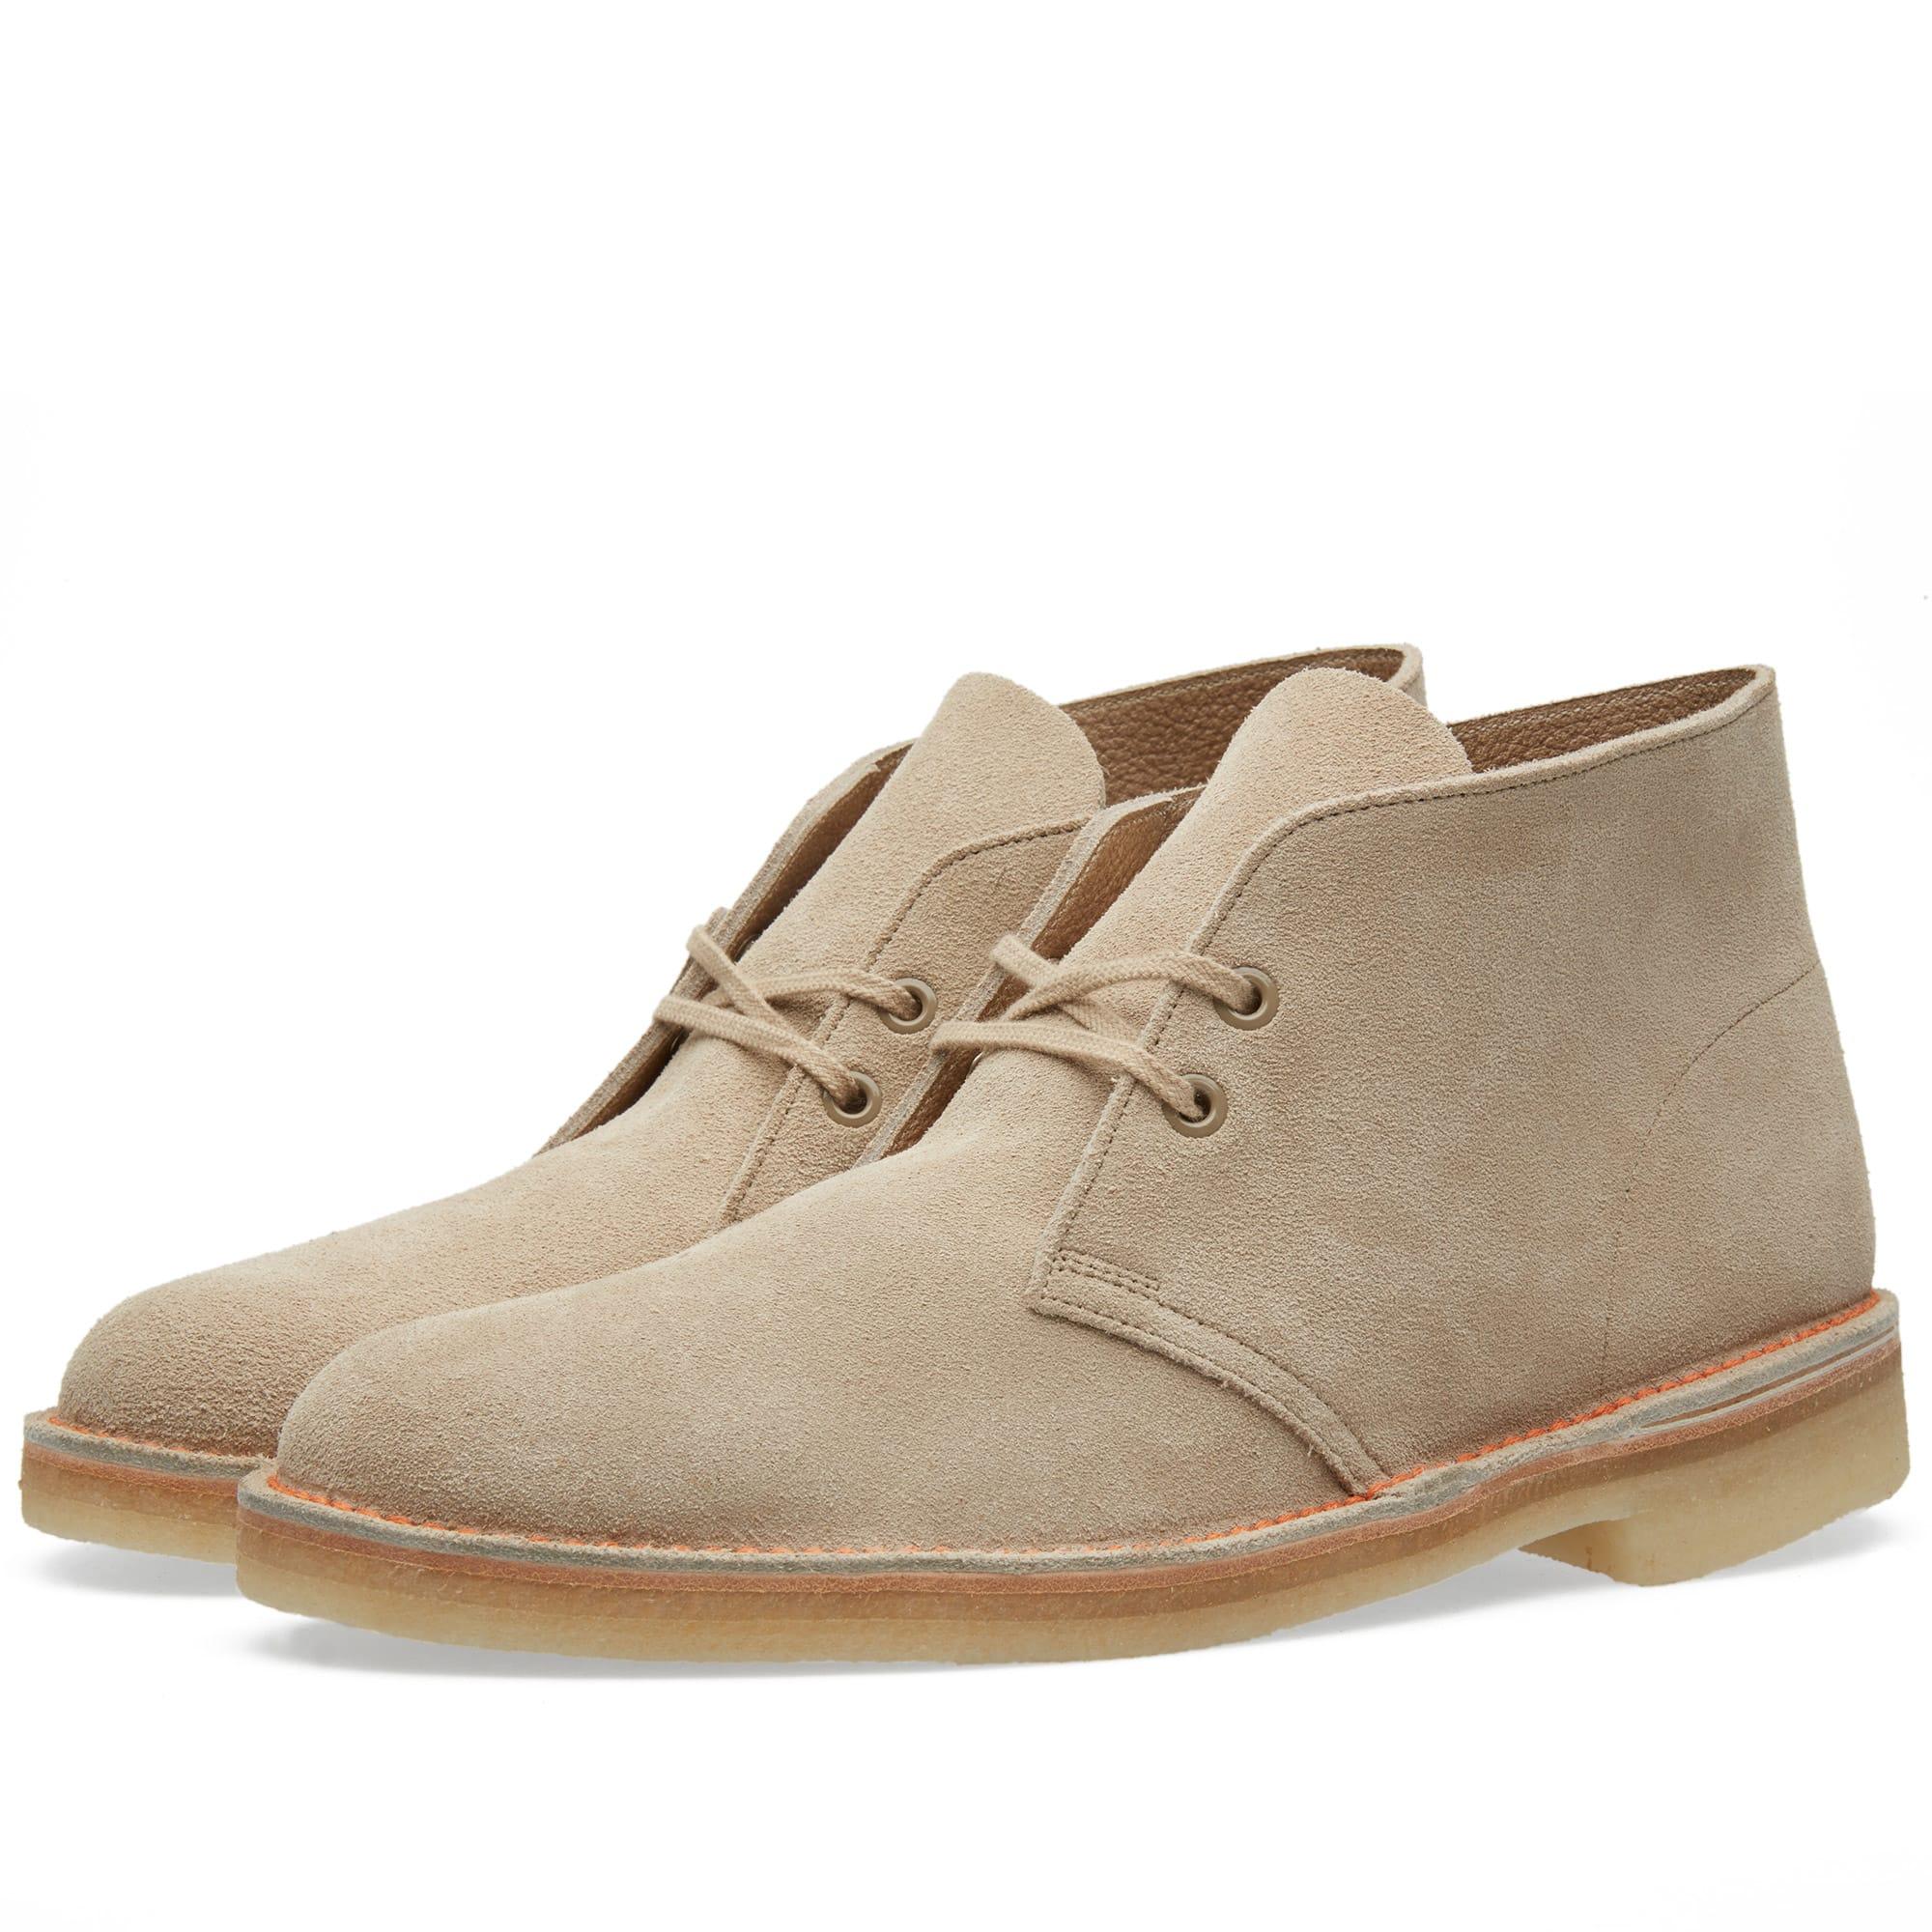 43c29173bc4 Clarks Originals 65th Anniversary Desert Boot - Made in UK